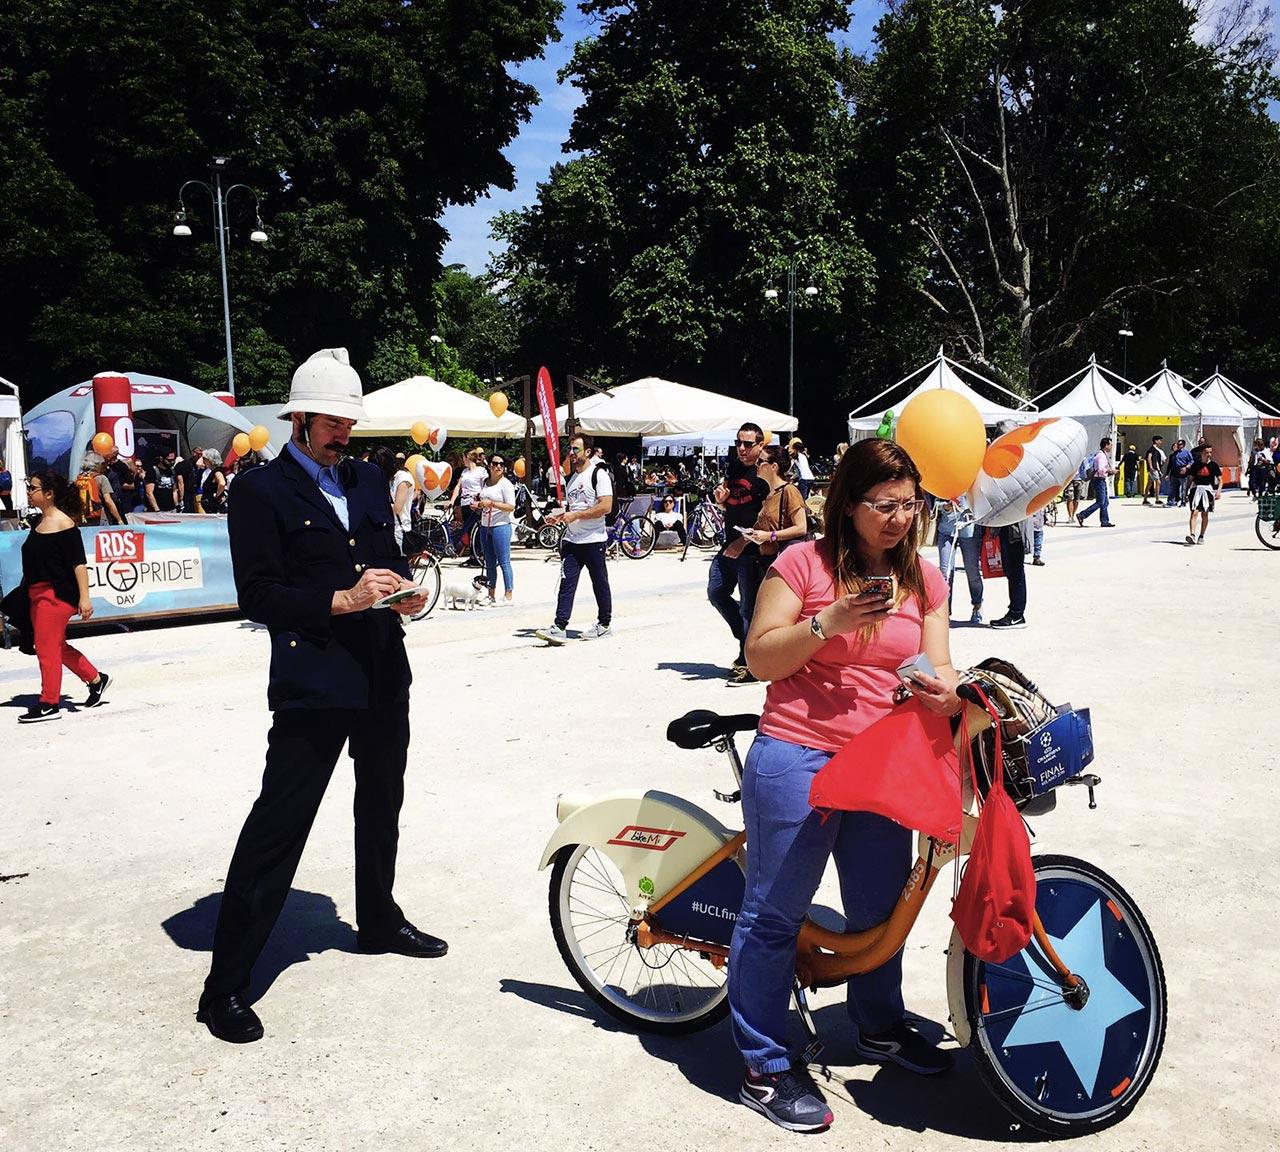 Cyclopride 2016